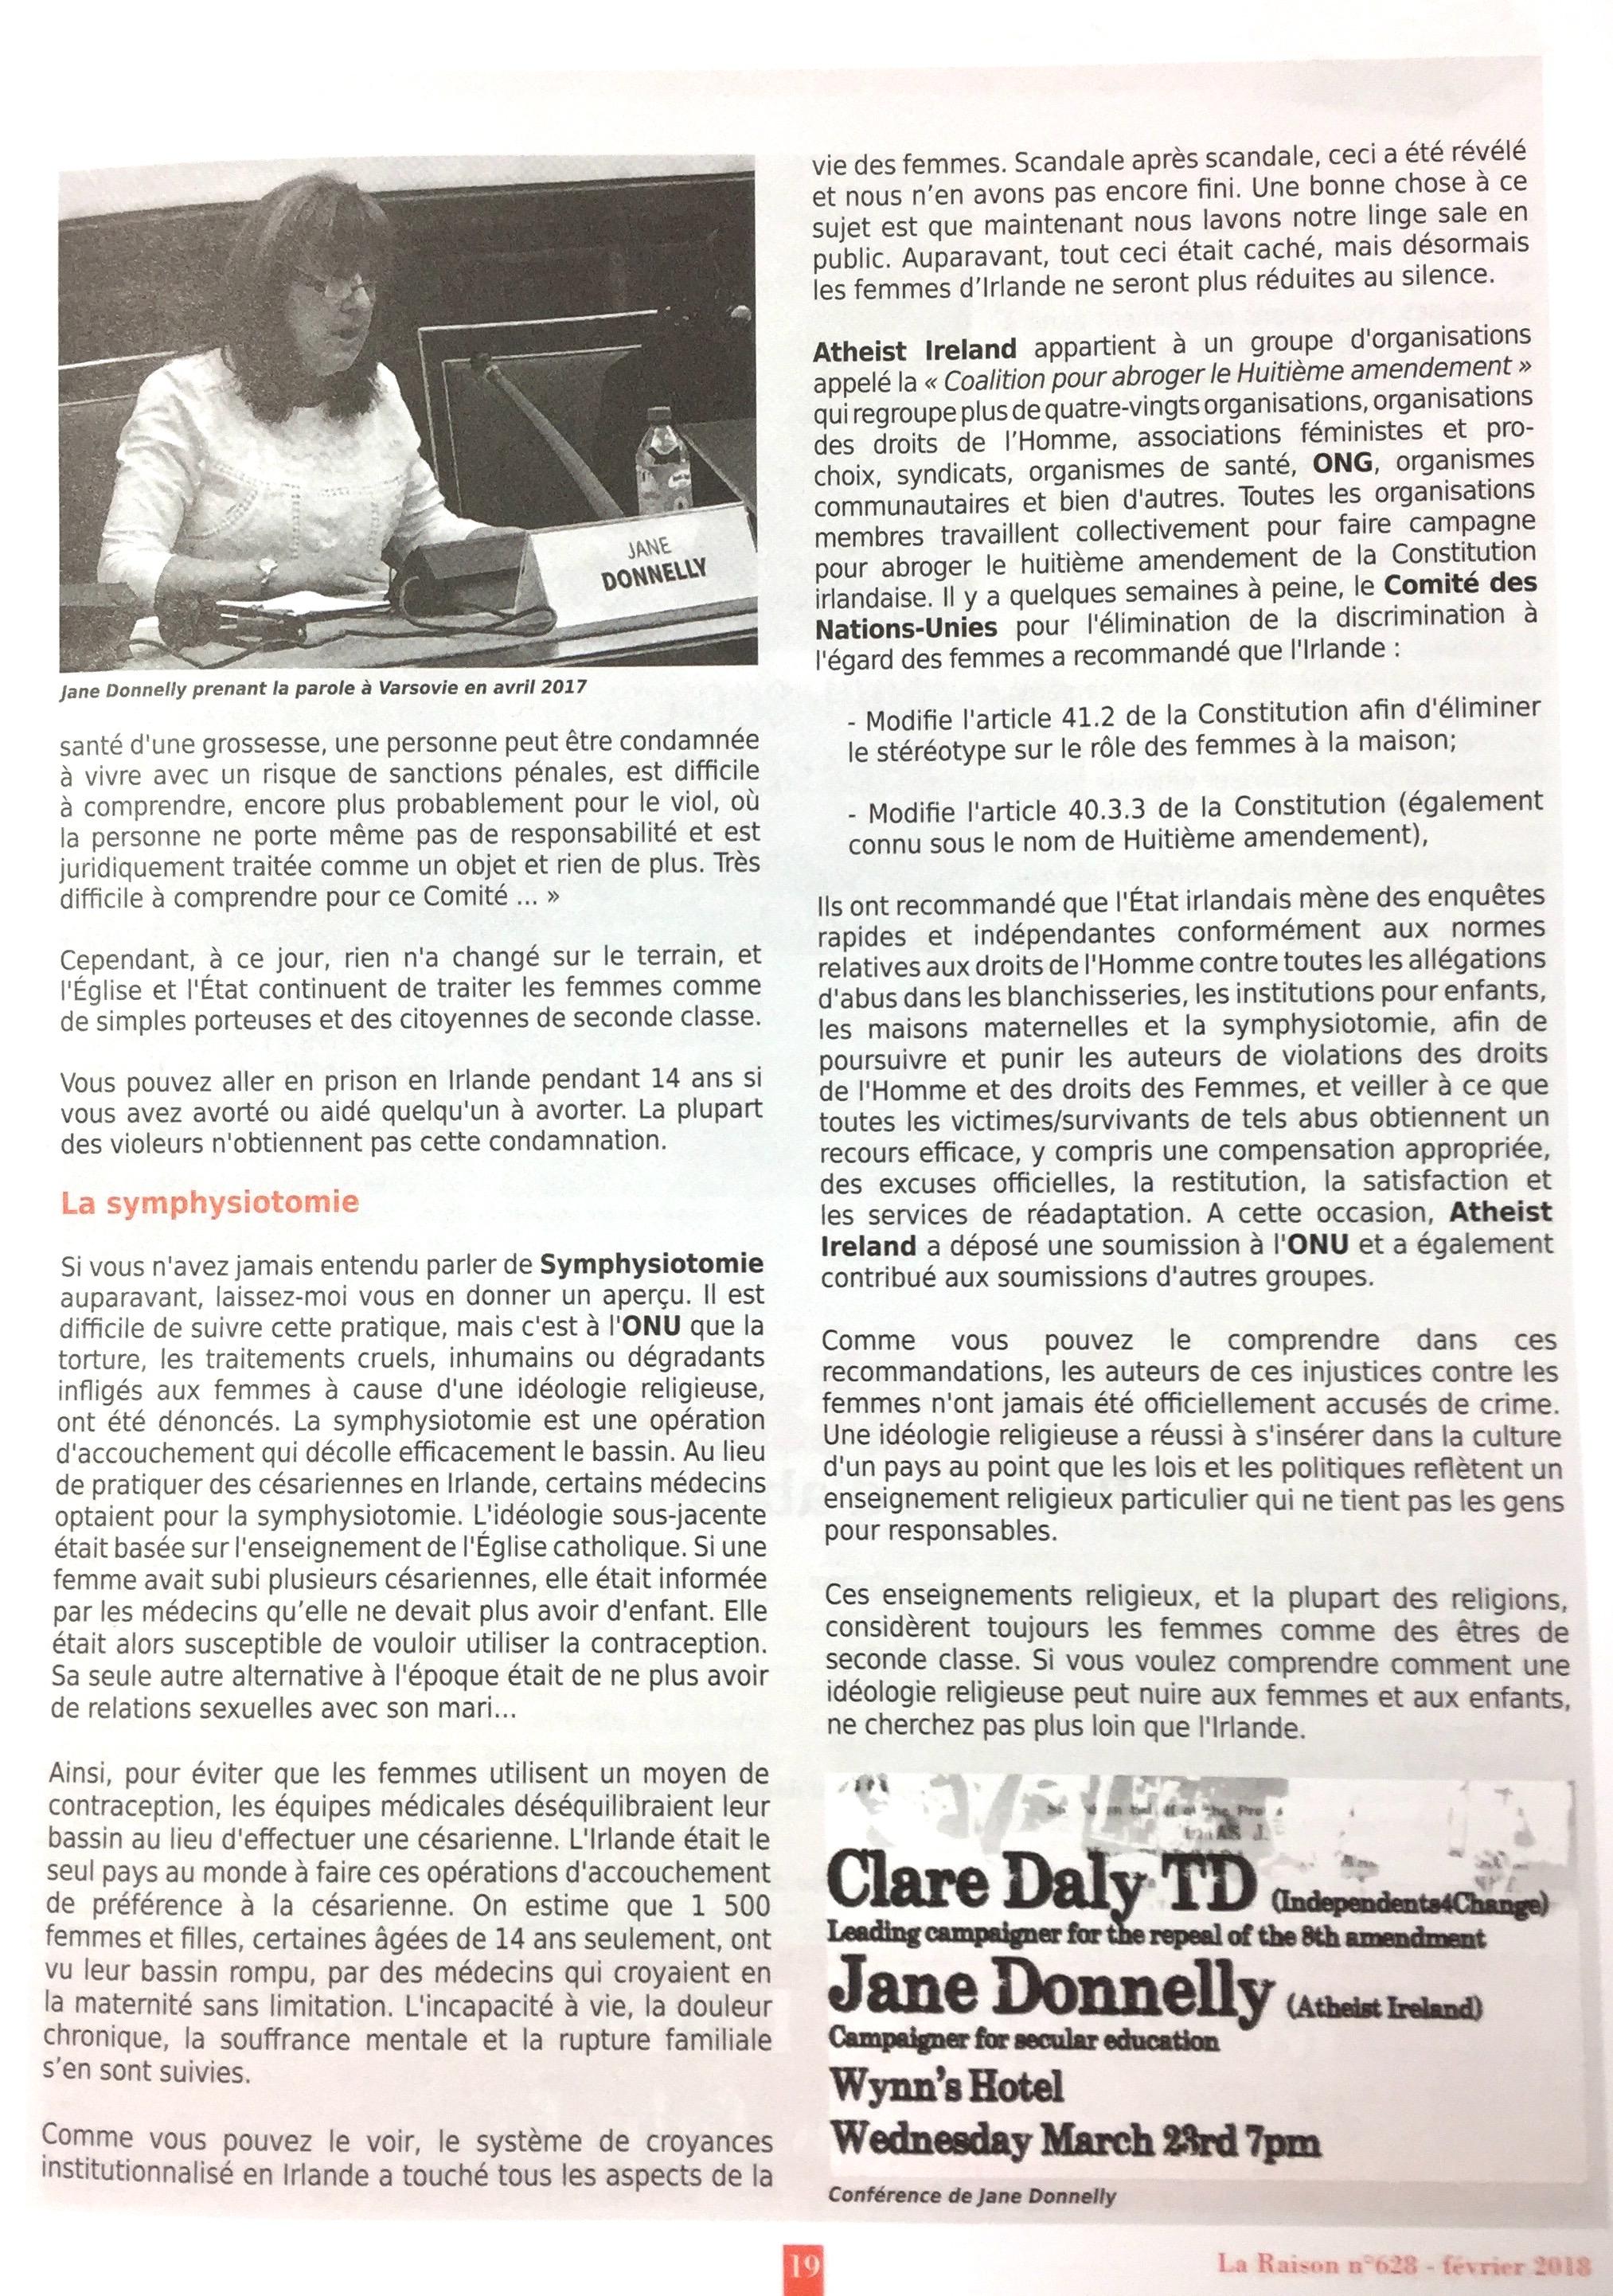 Jane La Raison page 3